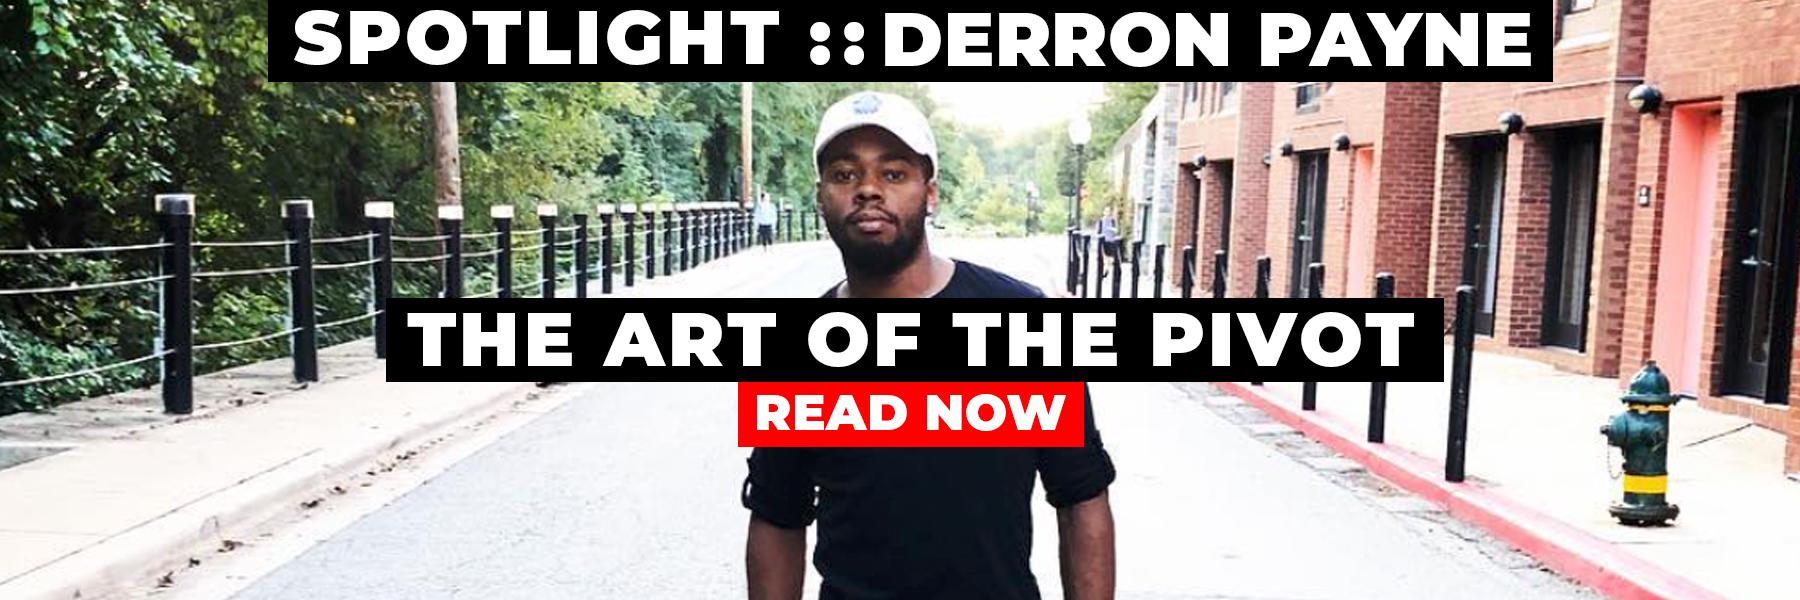 Derron Blog Header.jpg